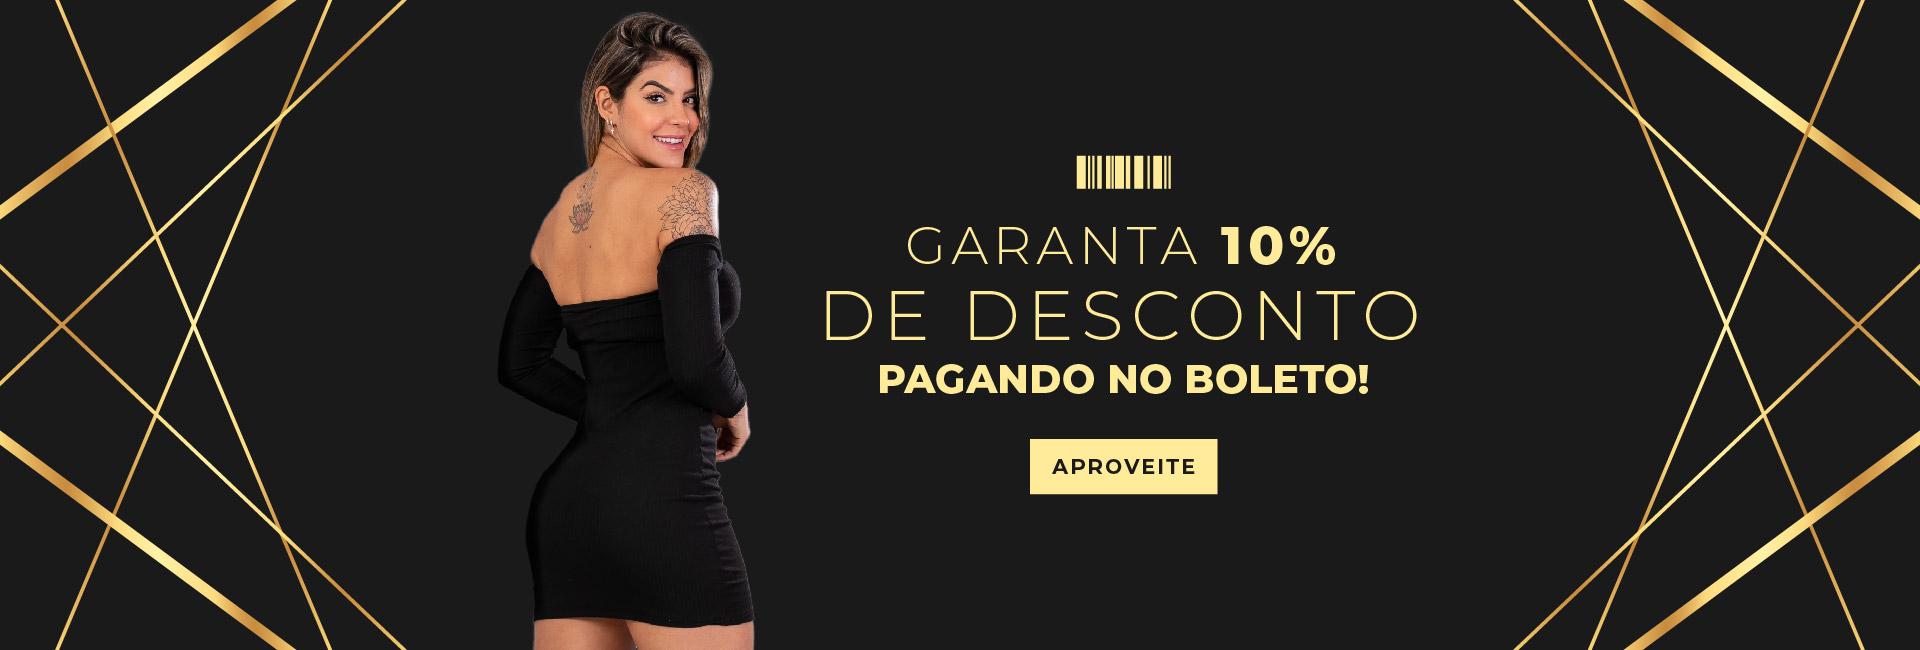 BOLETO DESCONTO